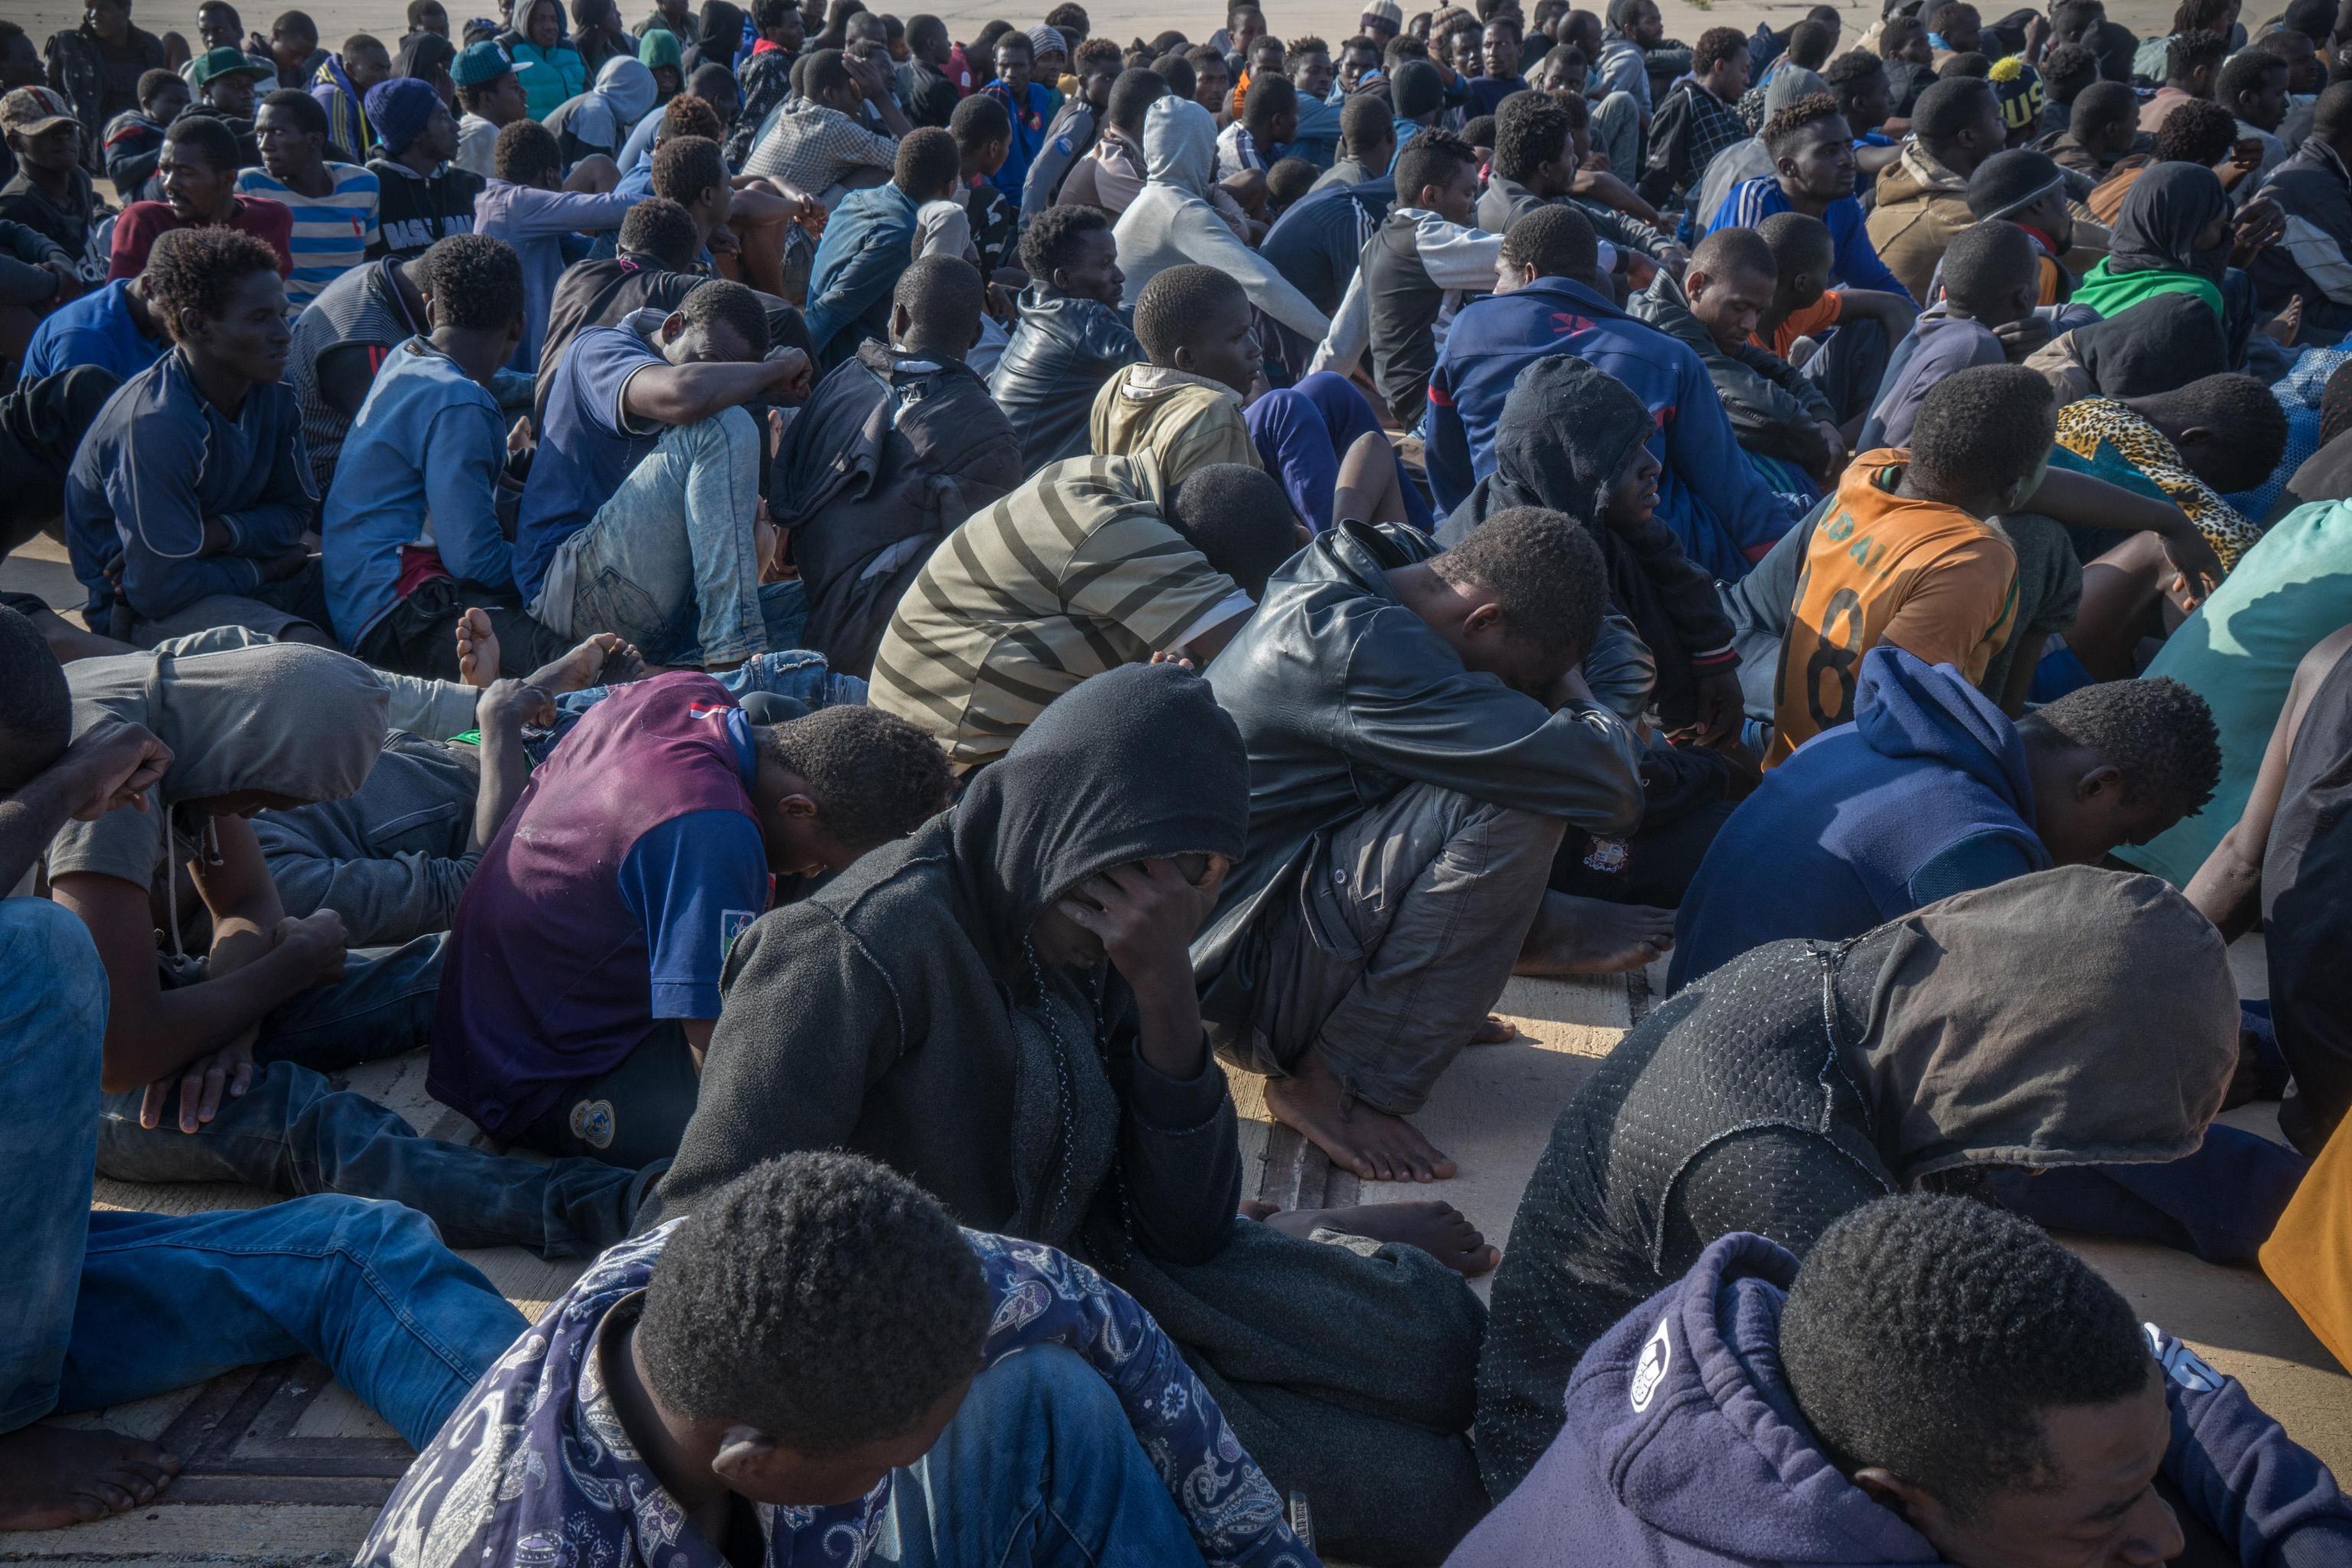 Migranti, rom e abusivi: prima bisogna normalizzare questo Paese